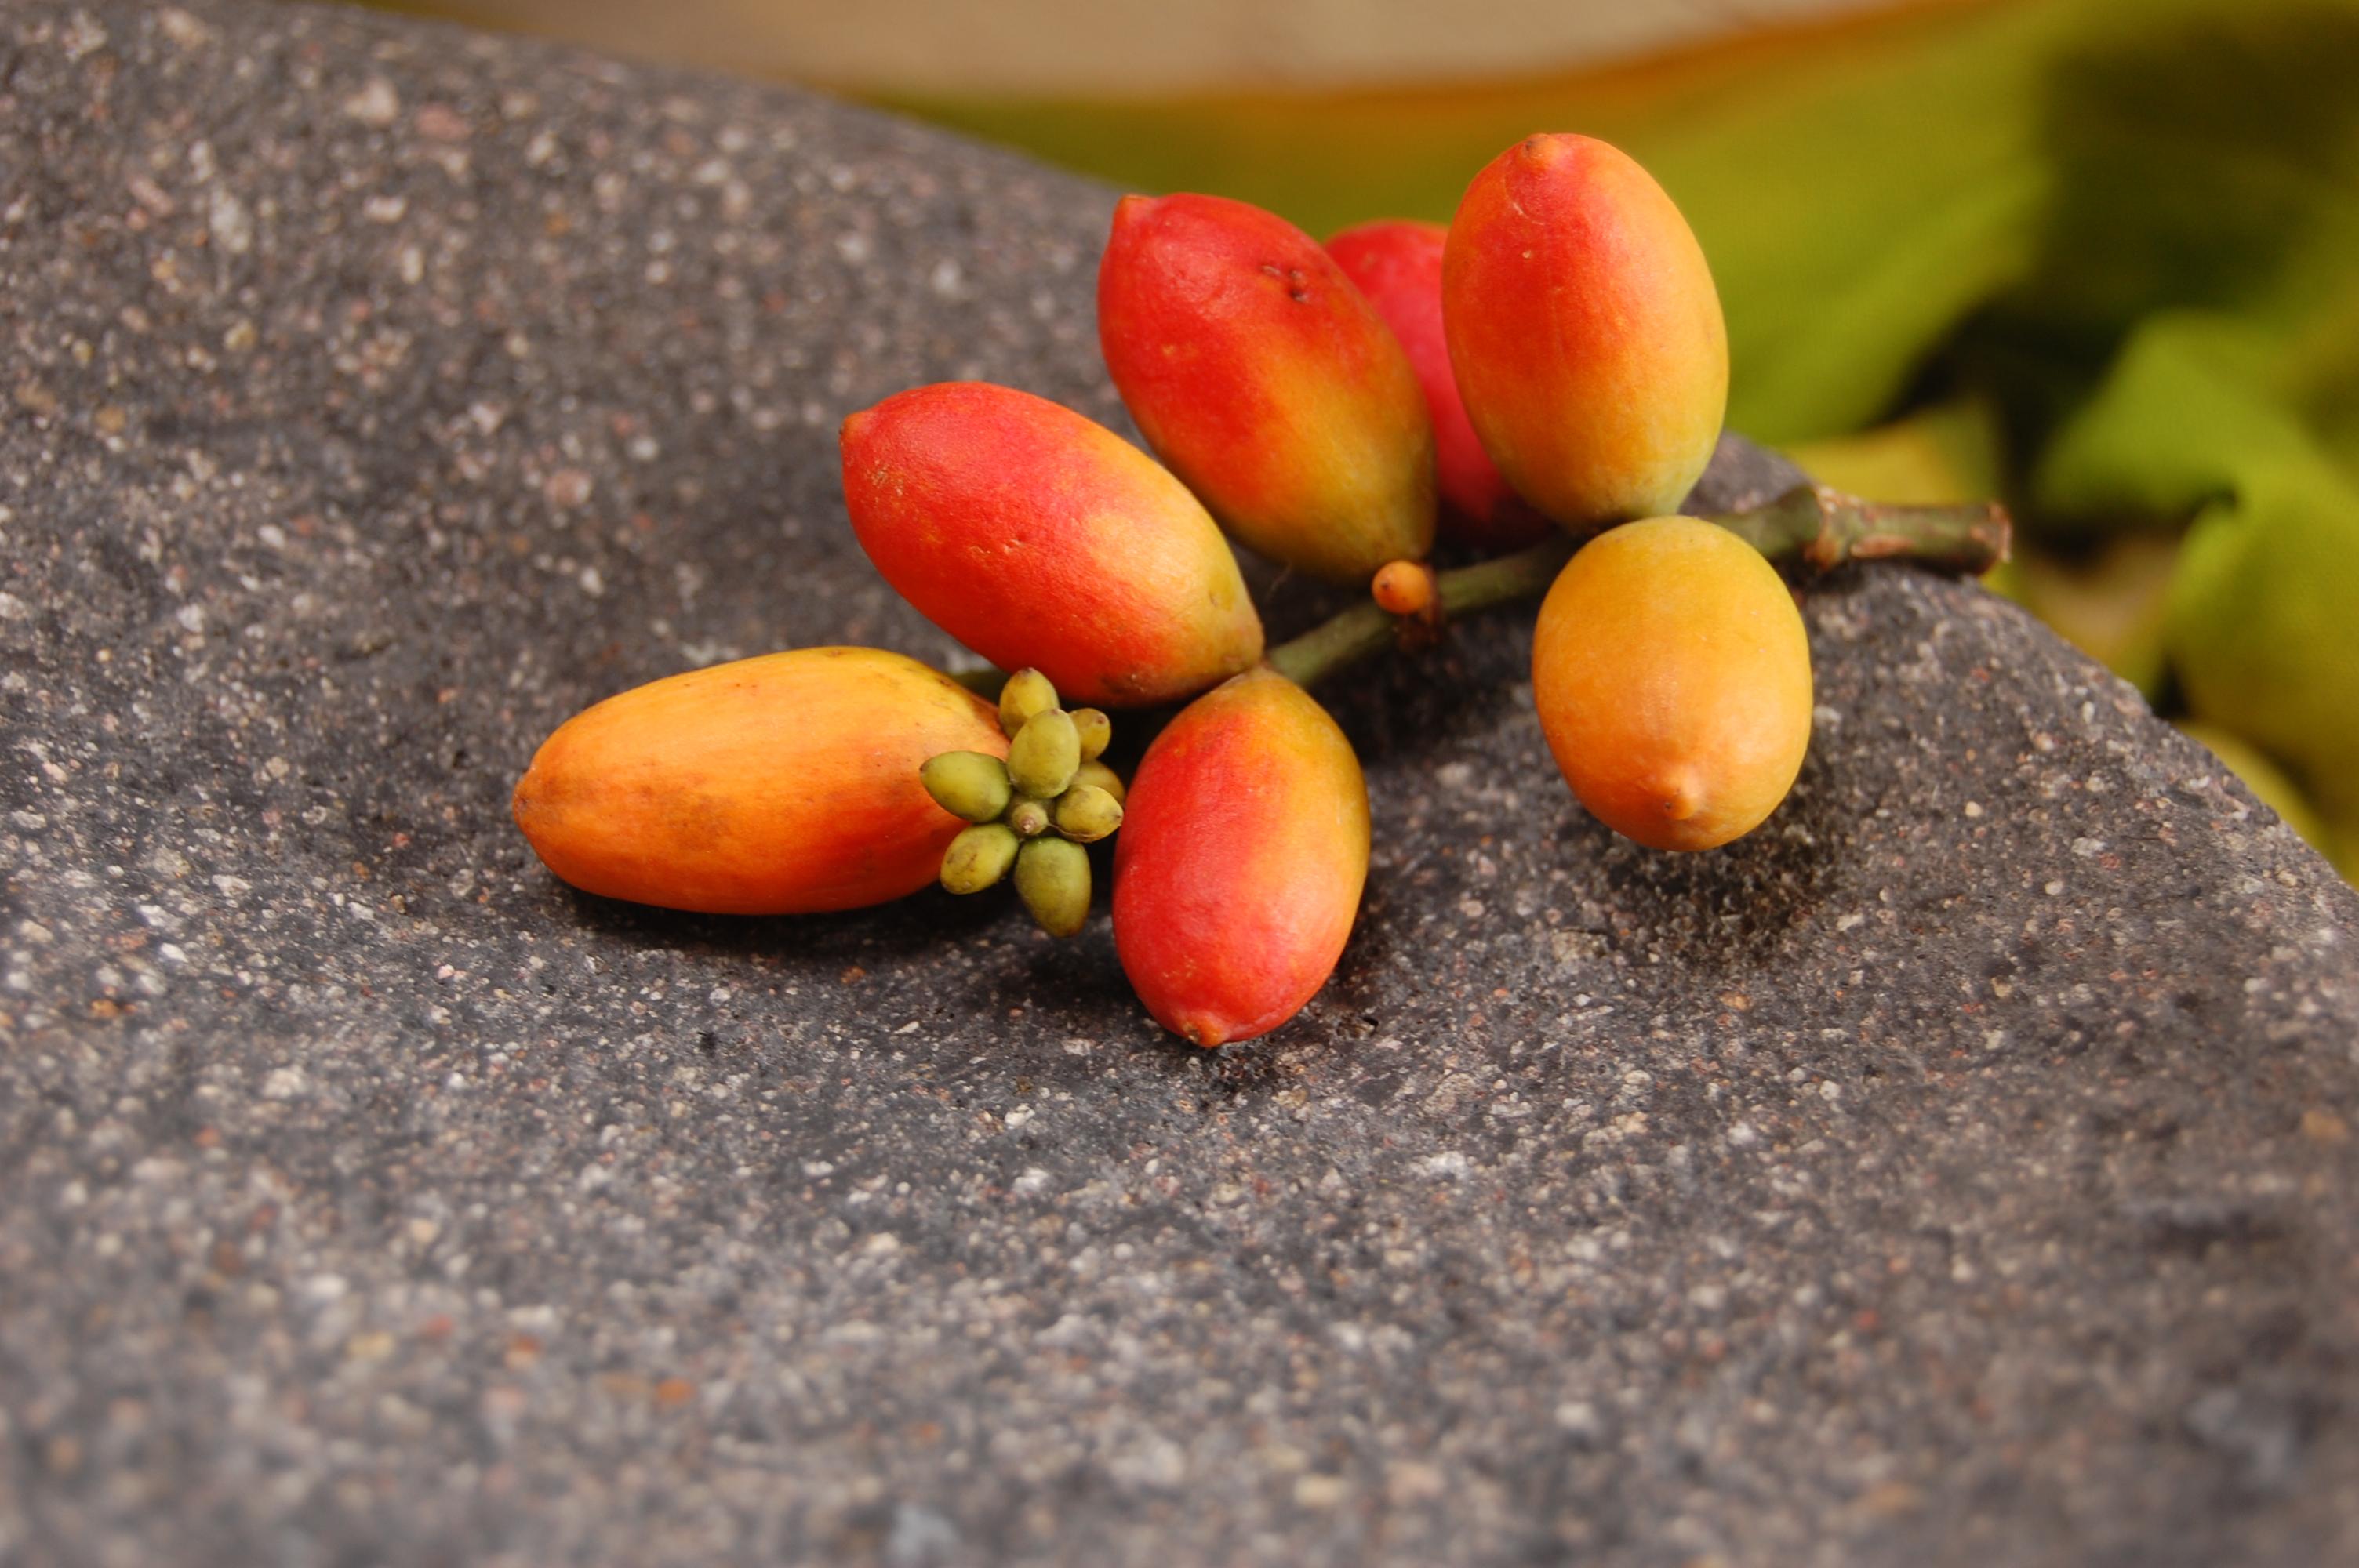 Macam - macam hasil olahan dari buah dan Daun Melinjo